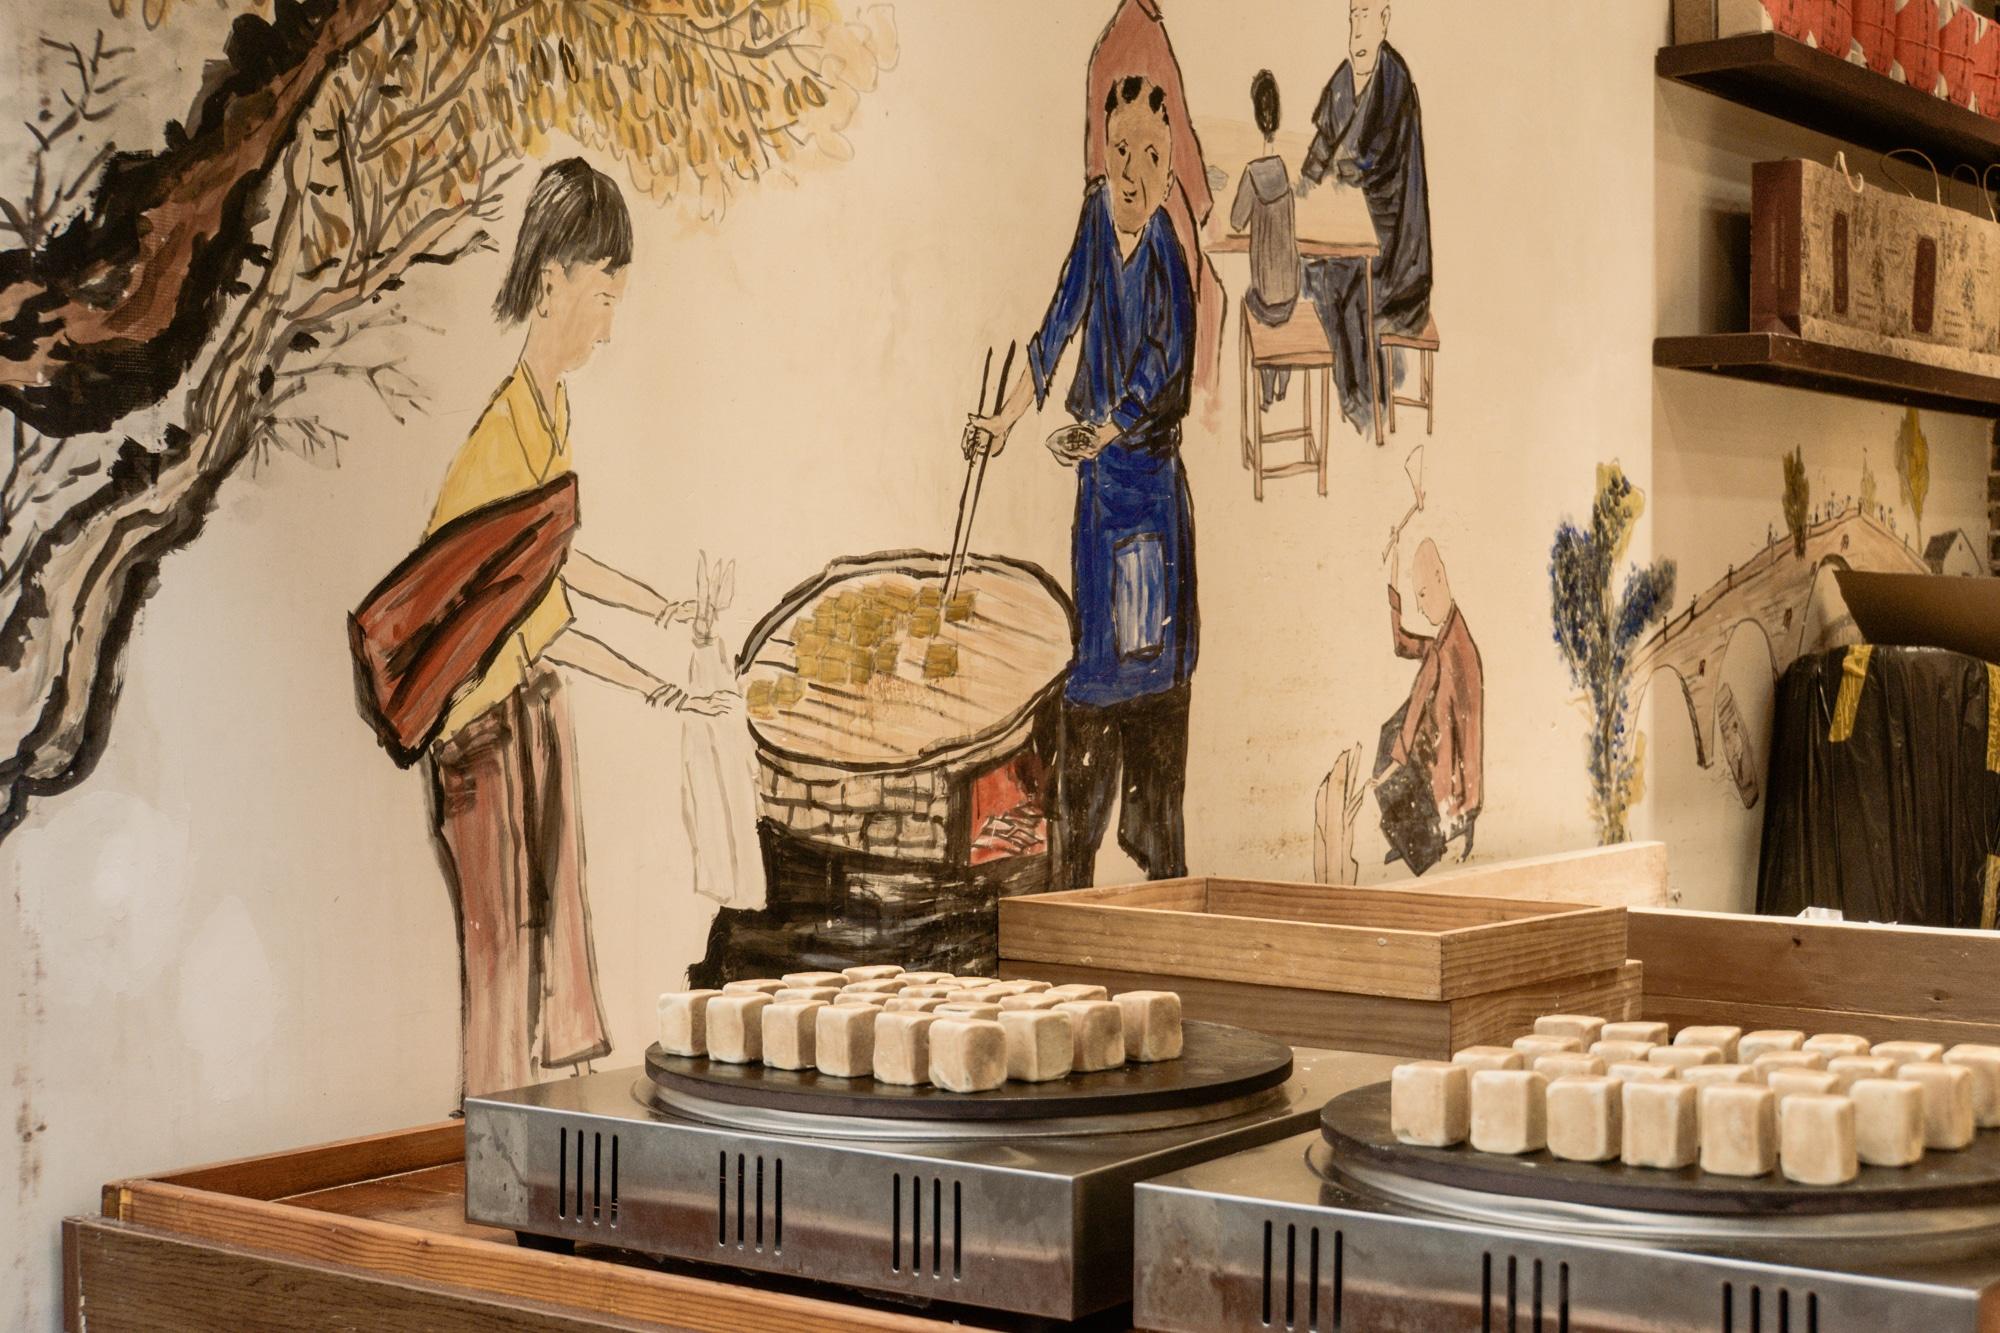 Zhujiajiao Tagesausflug: Tipps für die Wasserstadt bei Shanghai - Streetfood